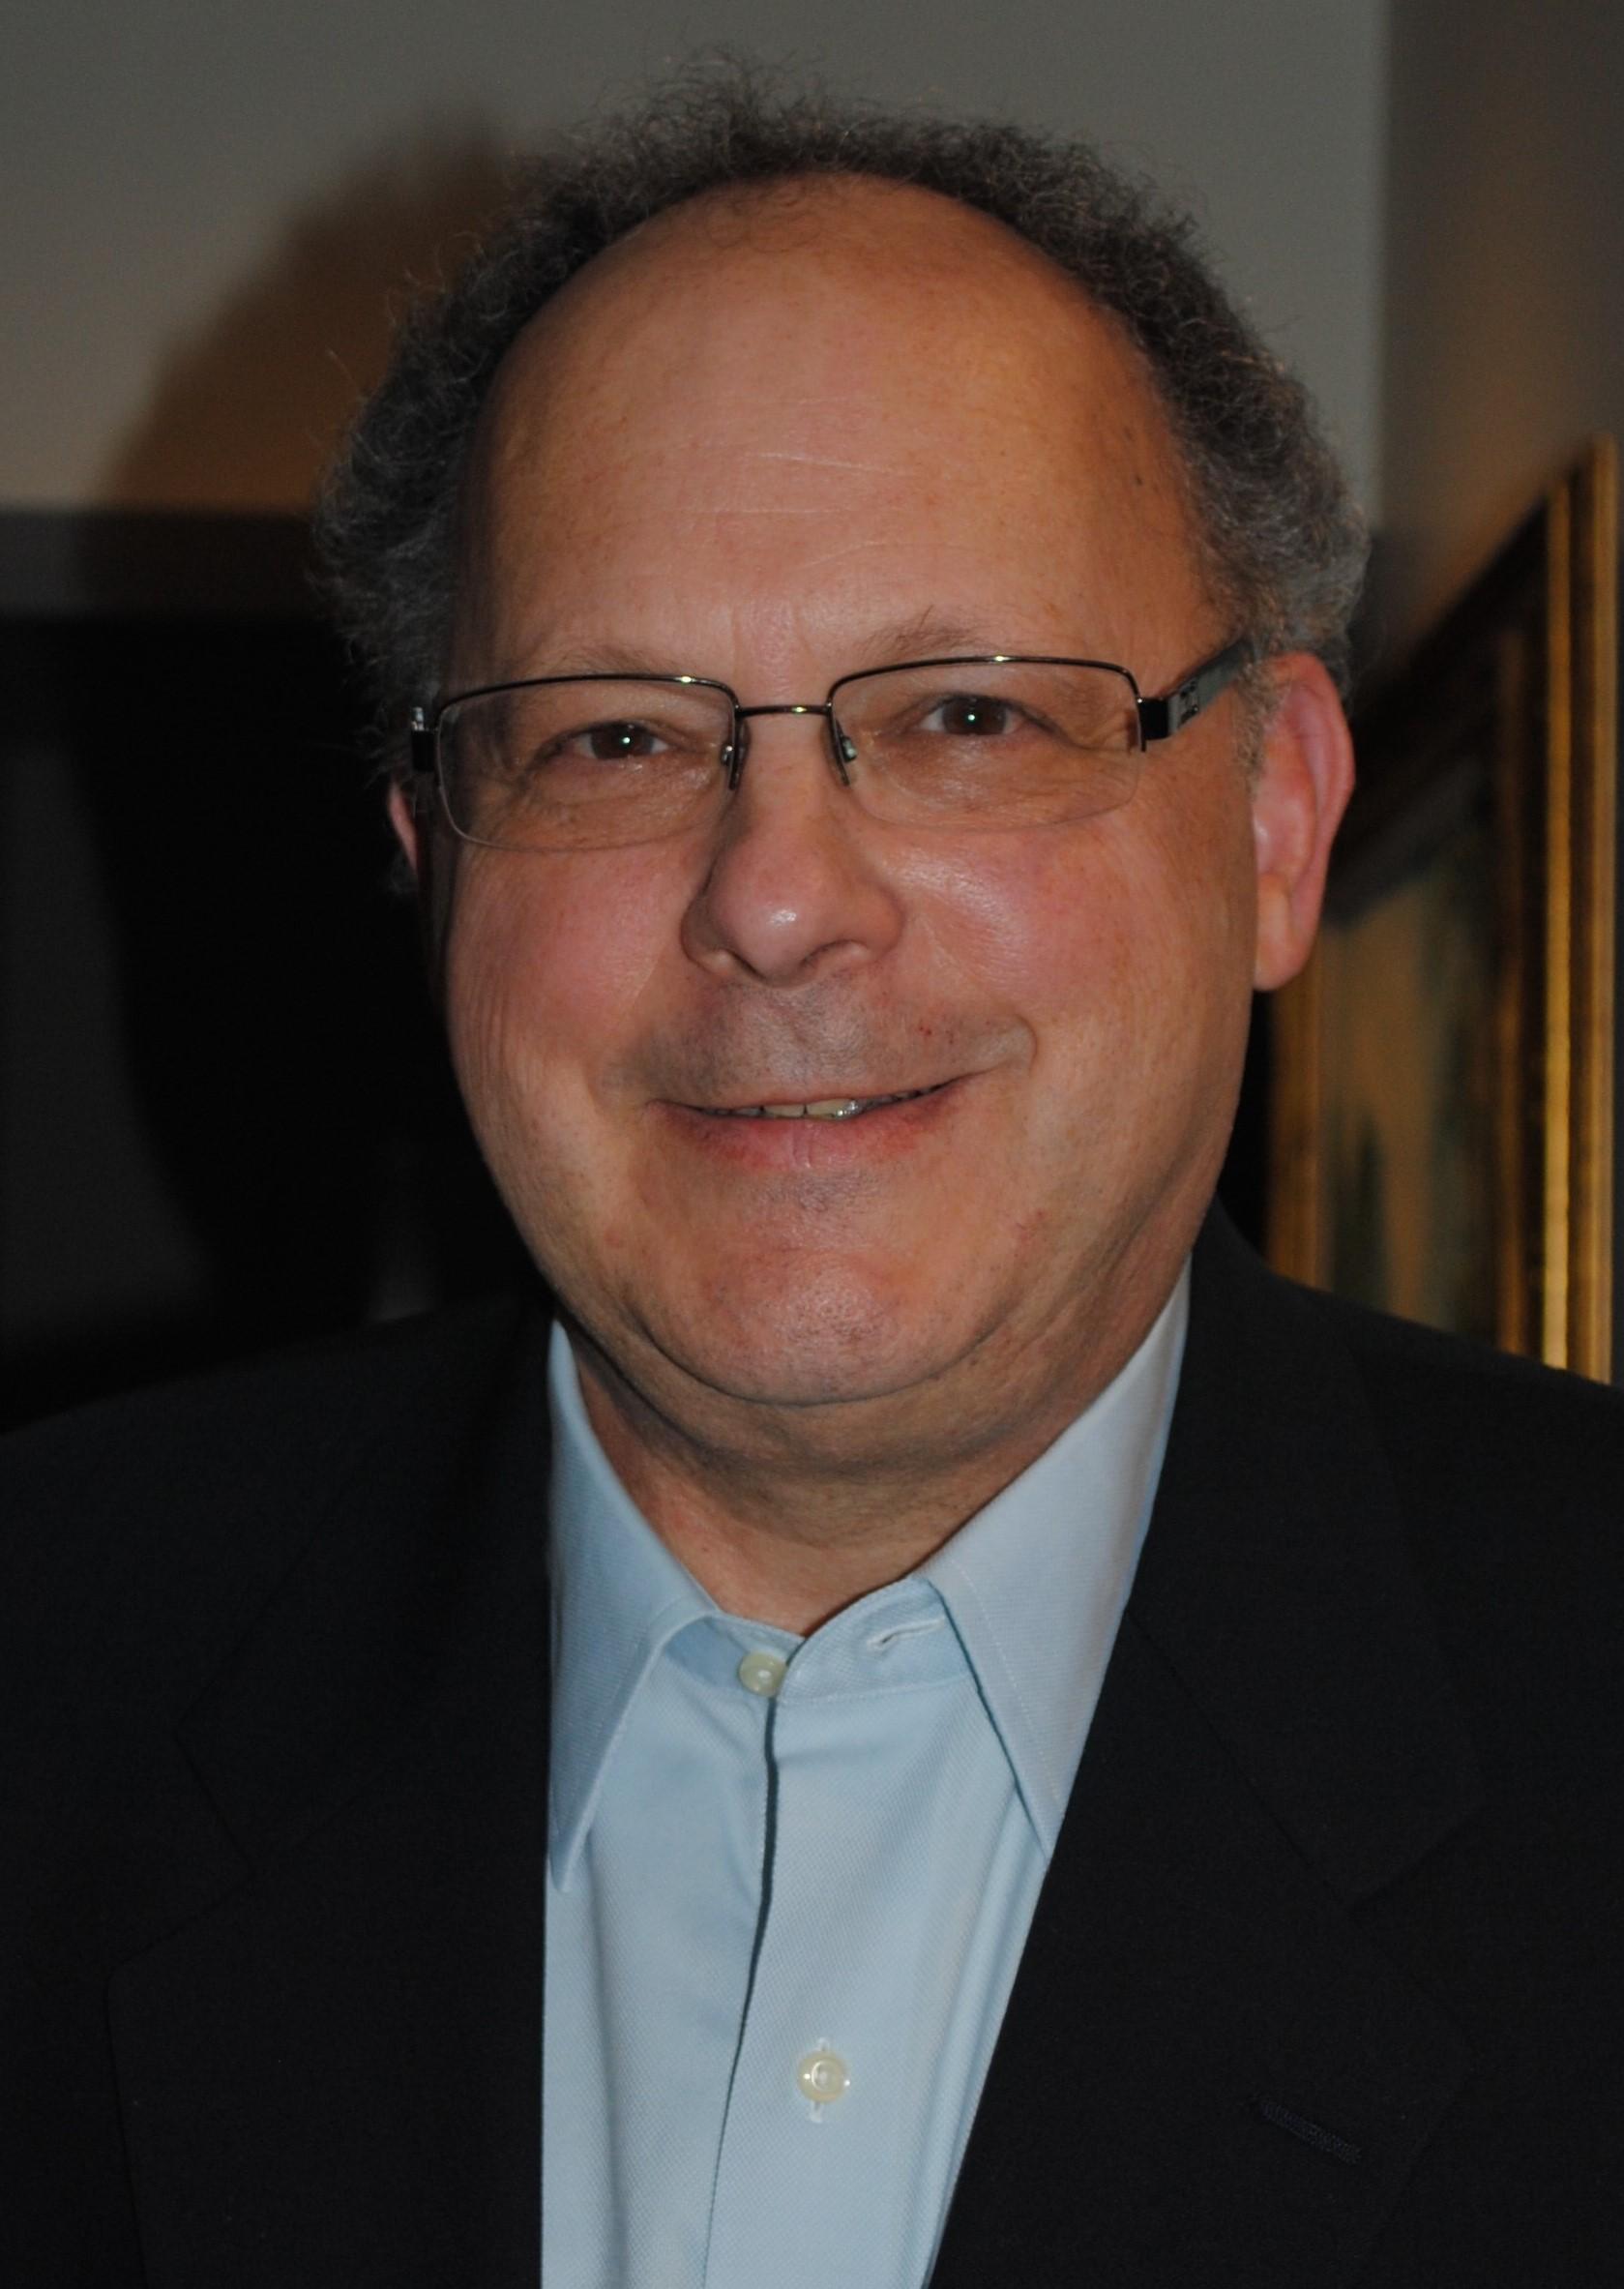 Jim Fishbein